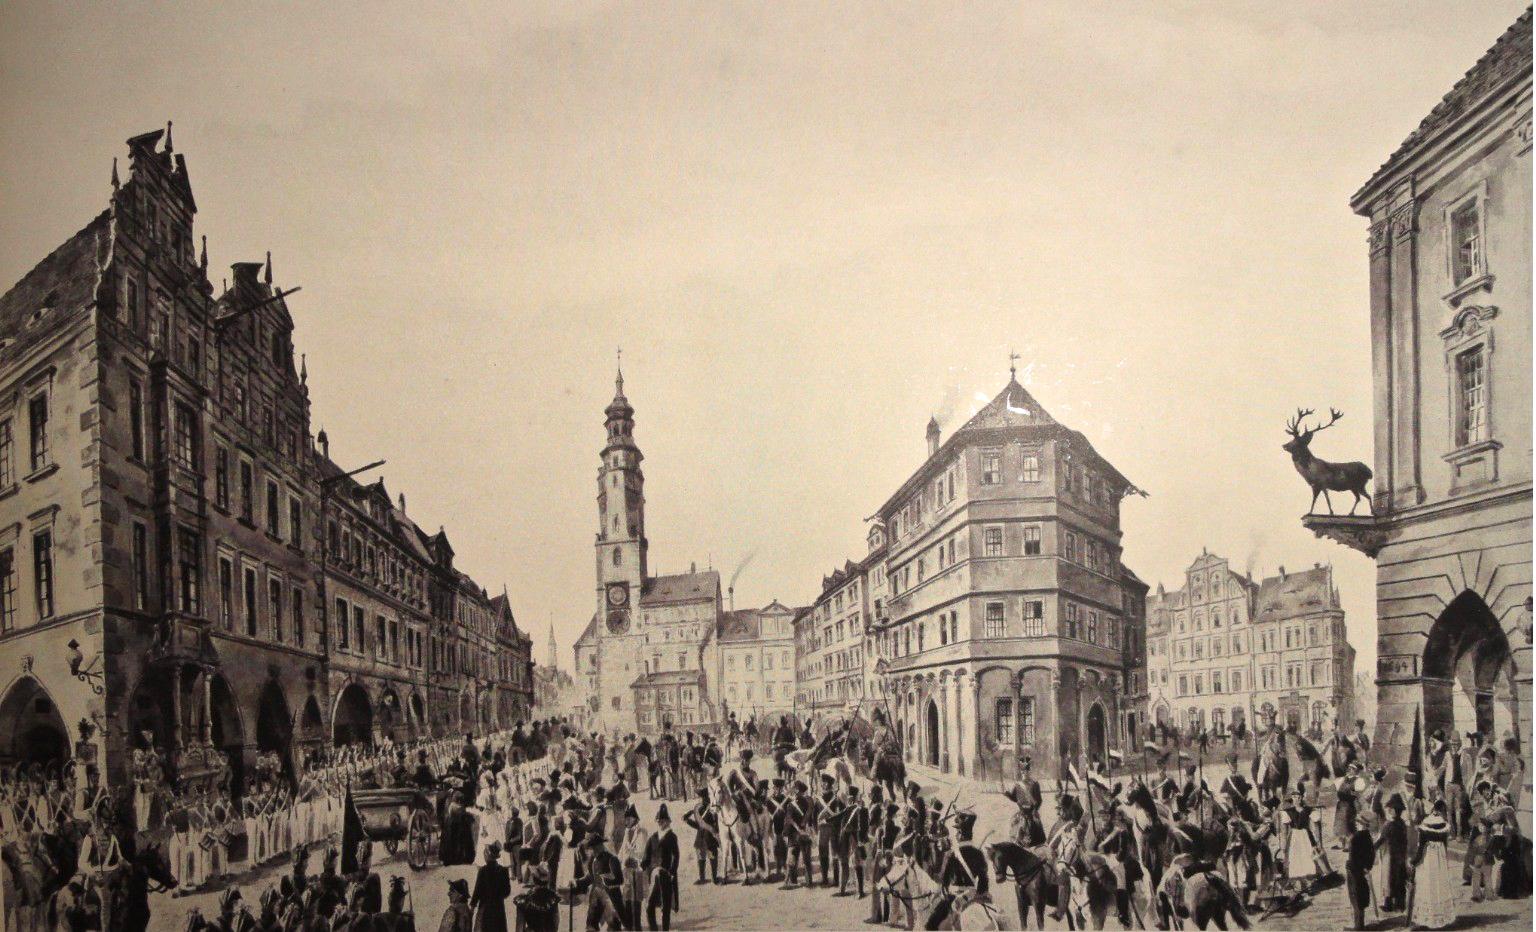 Untermarkt_23_4_1813_Koenig_Friedrich_Wilhelm_III.jpg